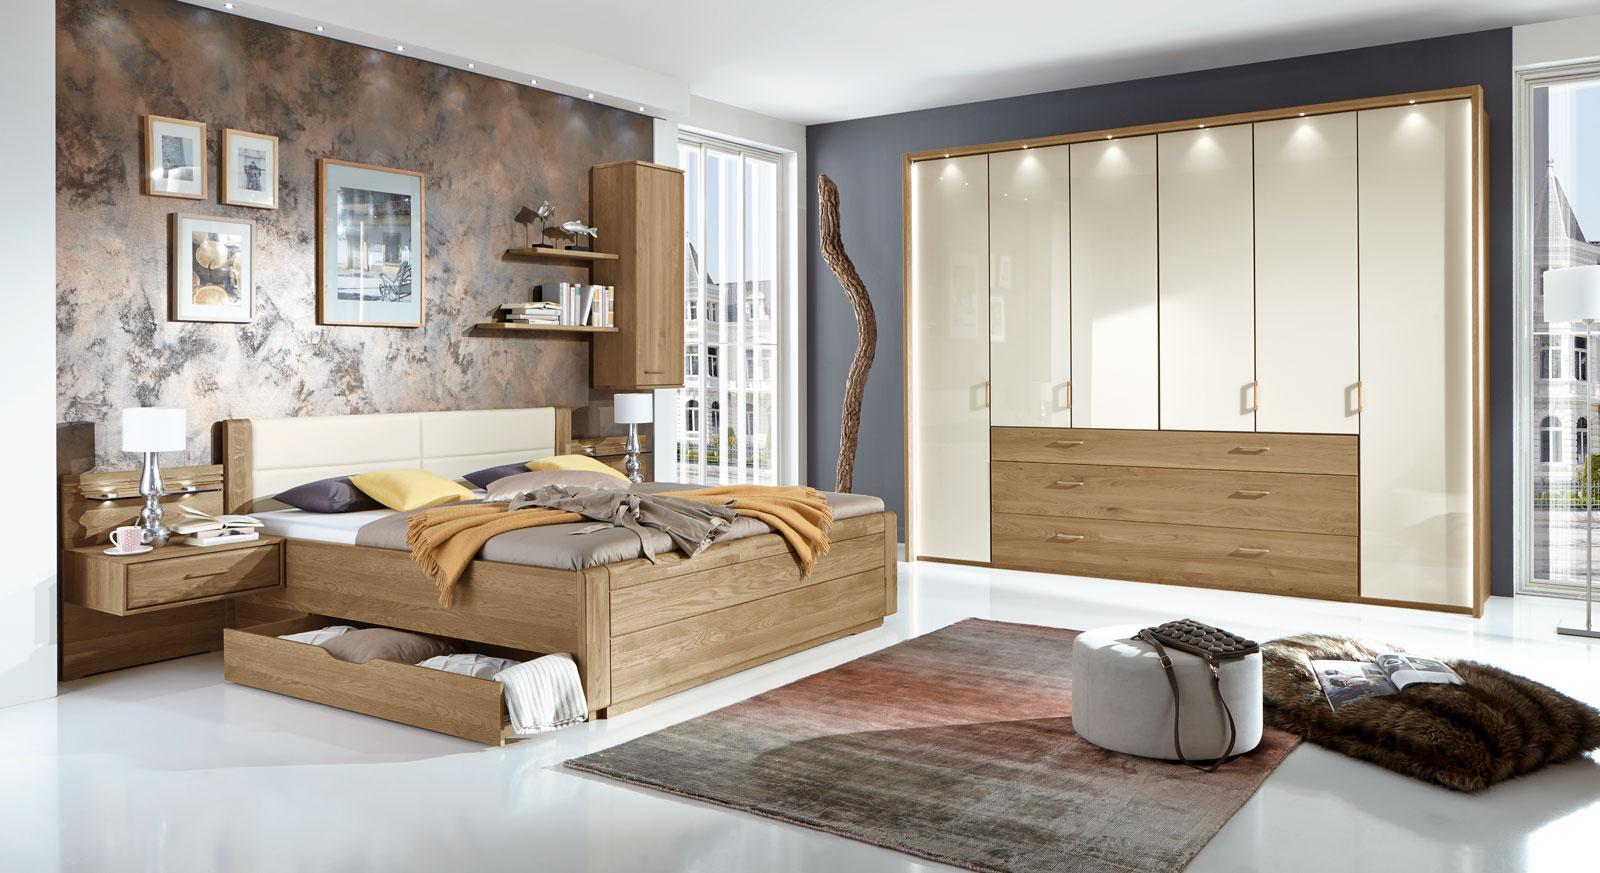 Teilmassives Schlafzimmer komplett mit Schubkastenbett